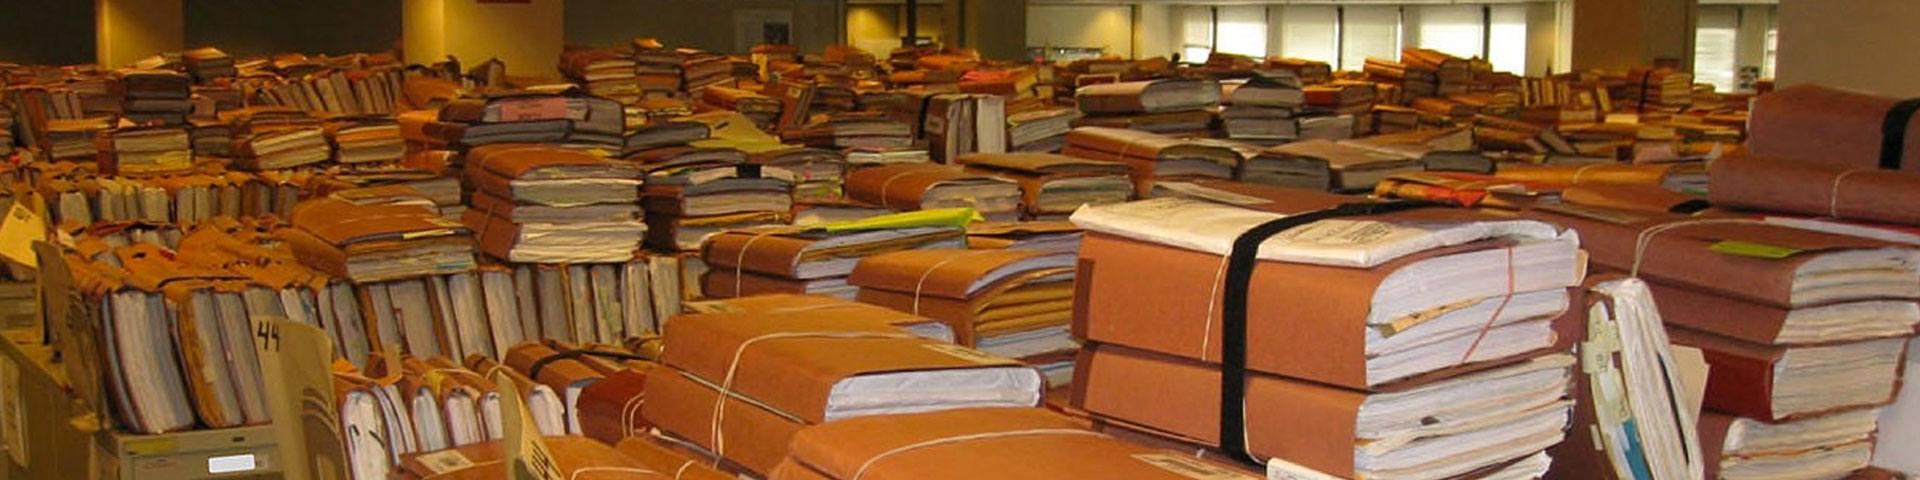 backlog of paperwork